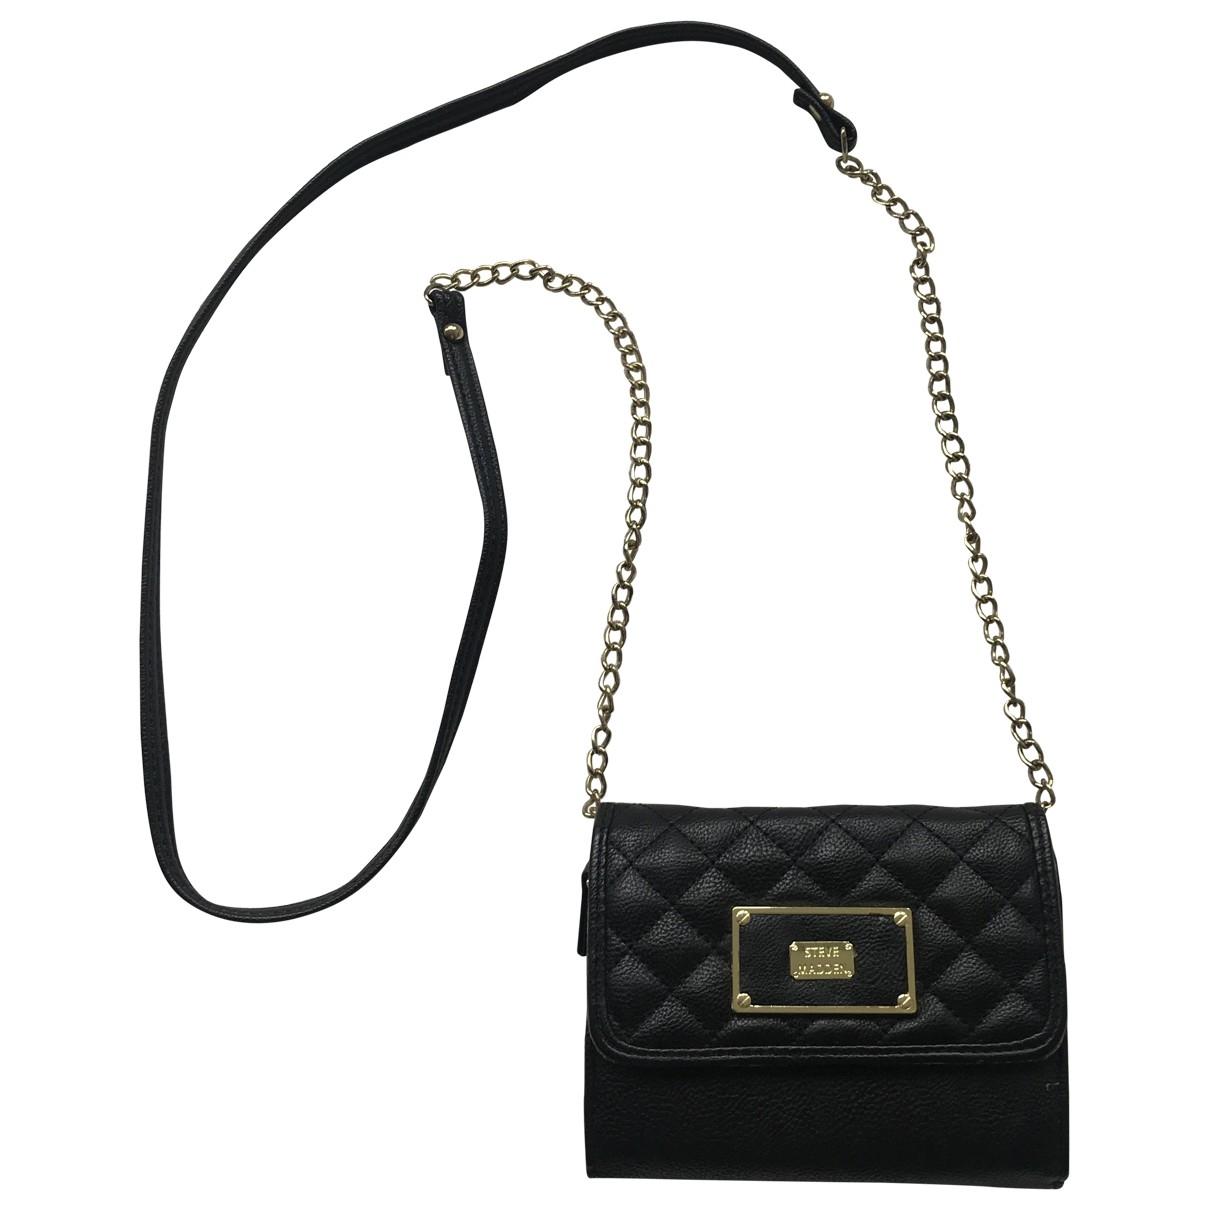 Steve Madden \N Black handbag for Women \N